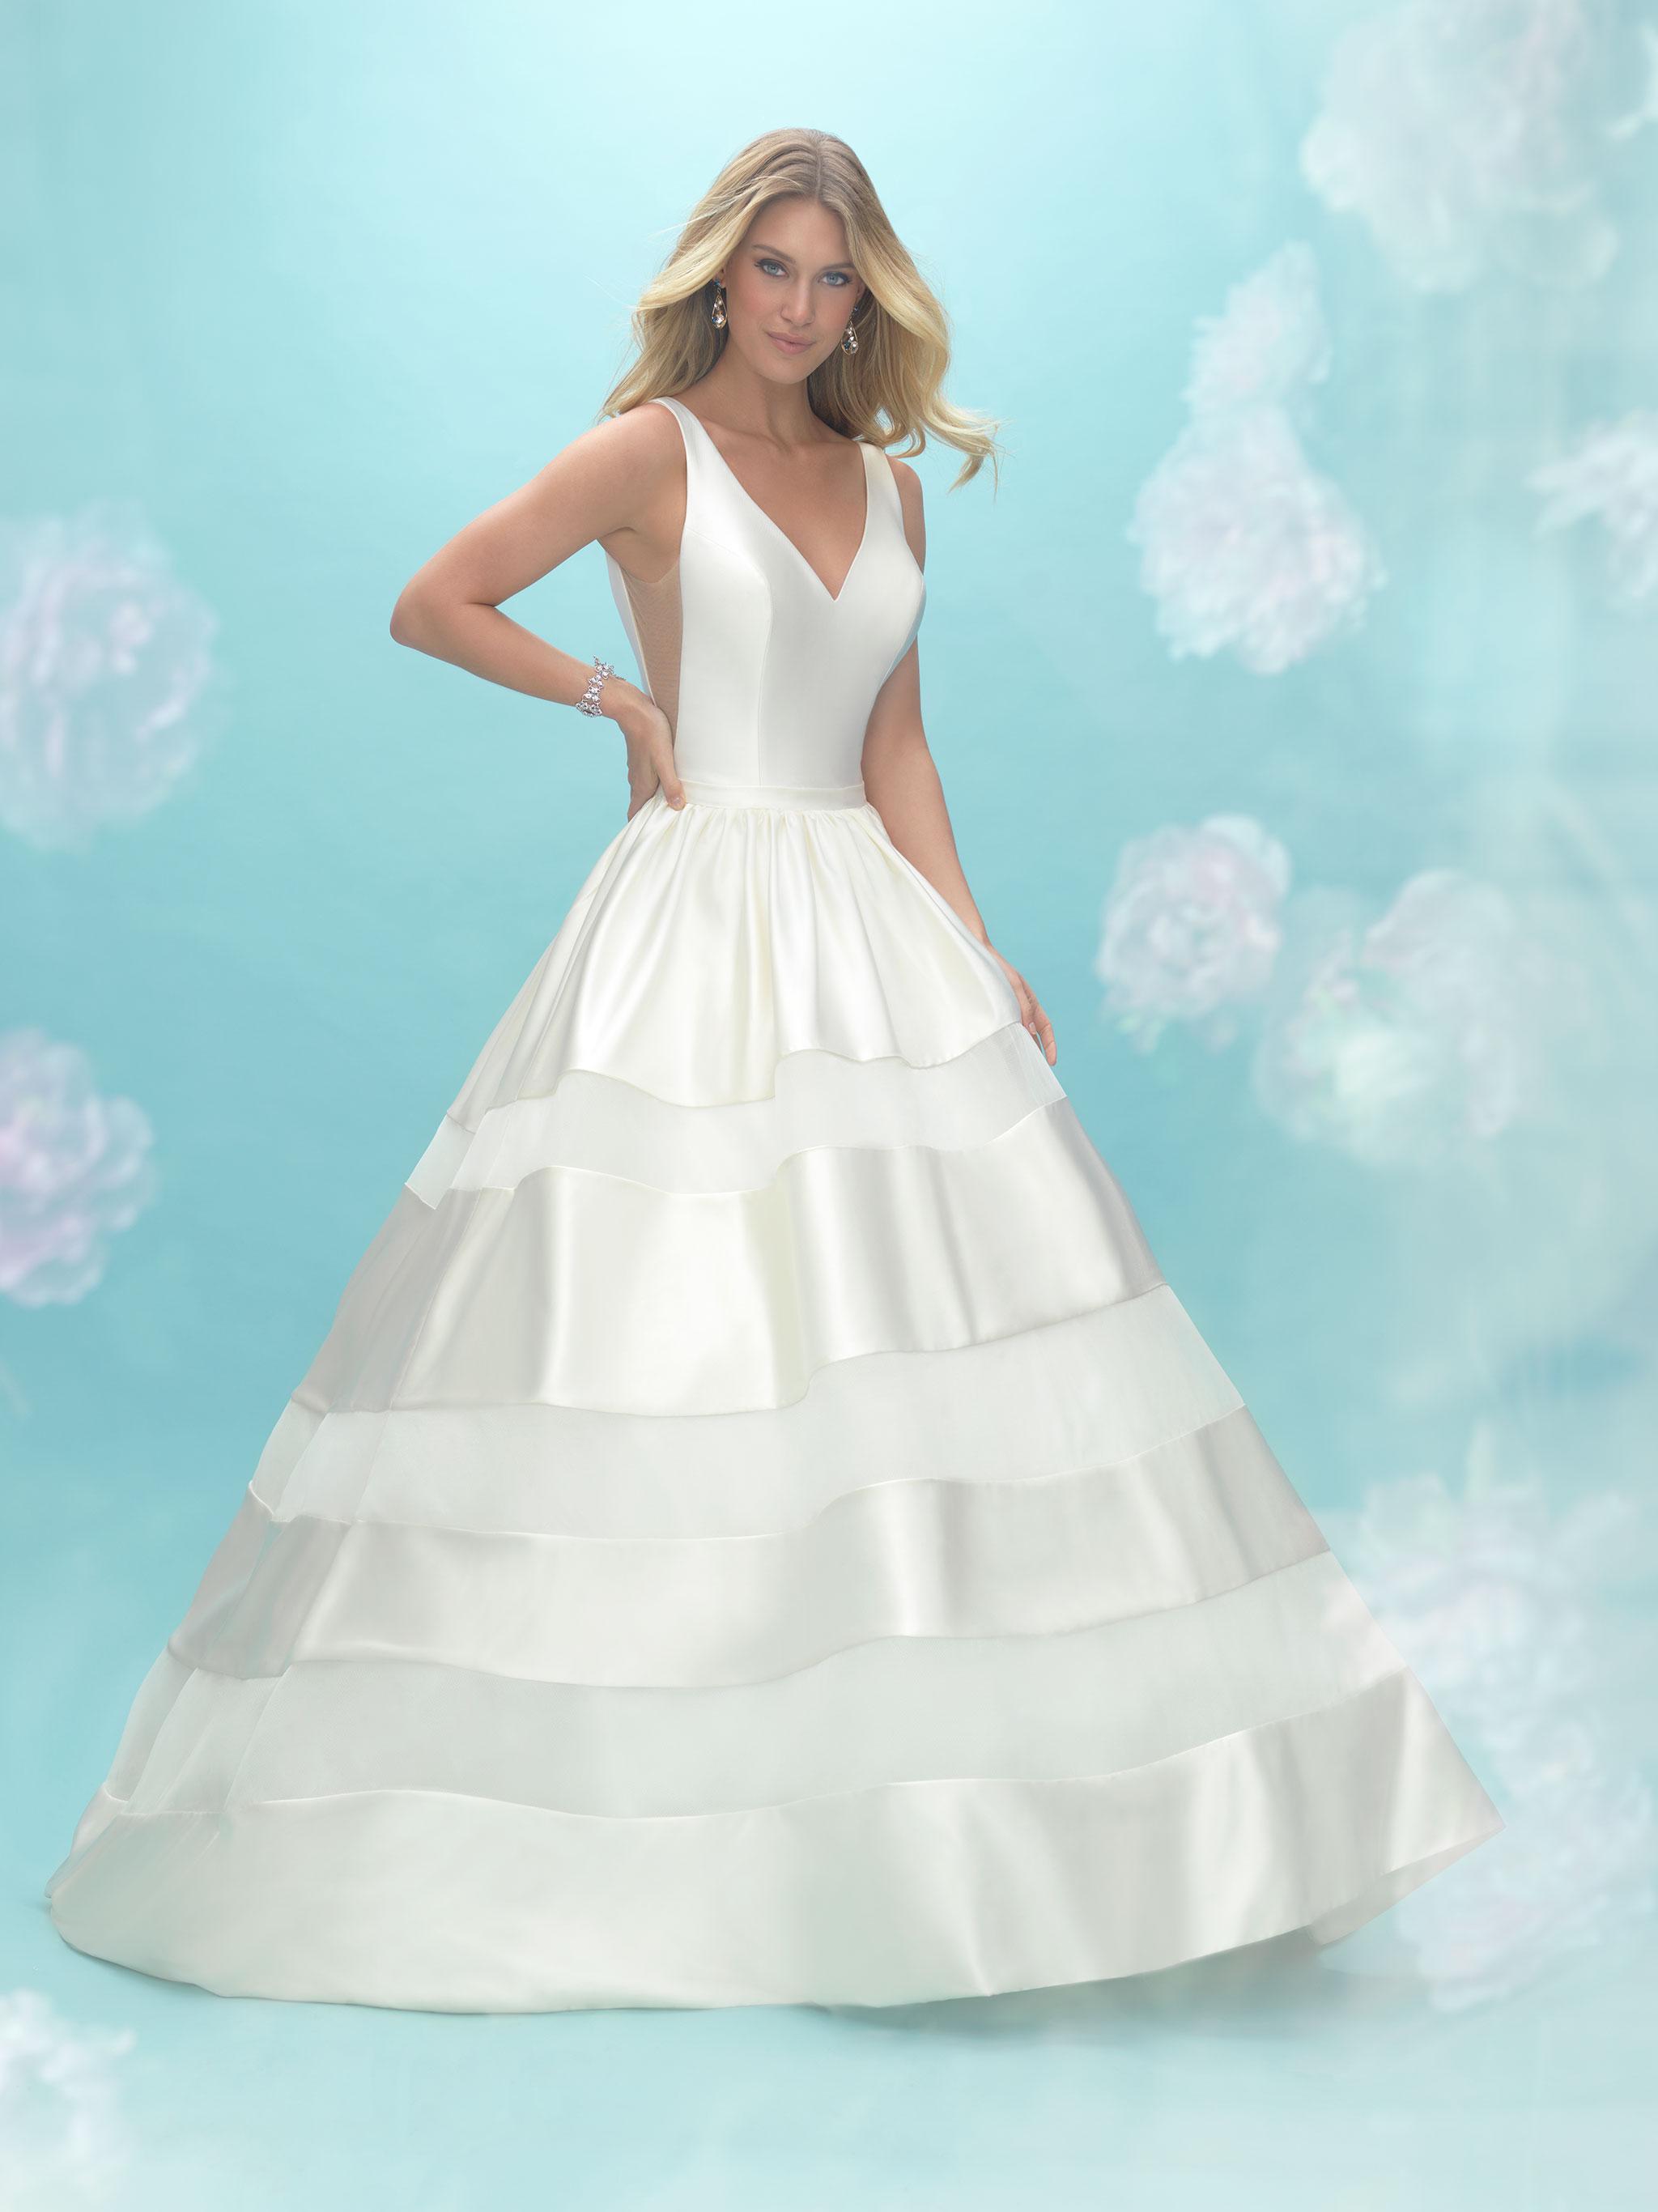 e0494d7e5f0e Wedding Dresses | Bridal & Bridesmaid, Formal Gowns | Allure Bridals